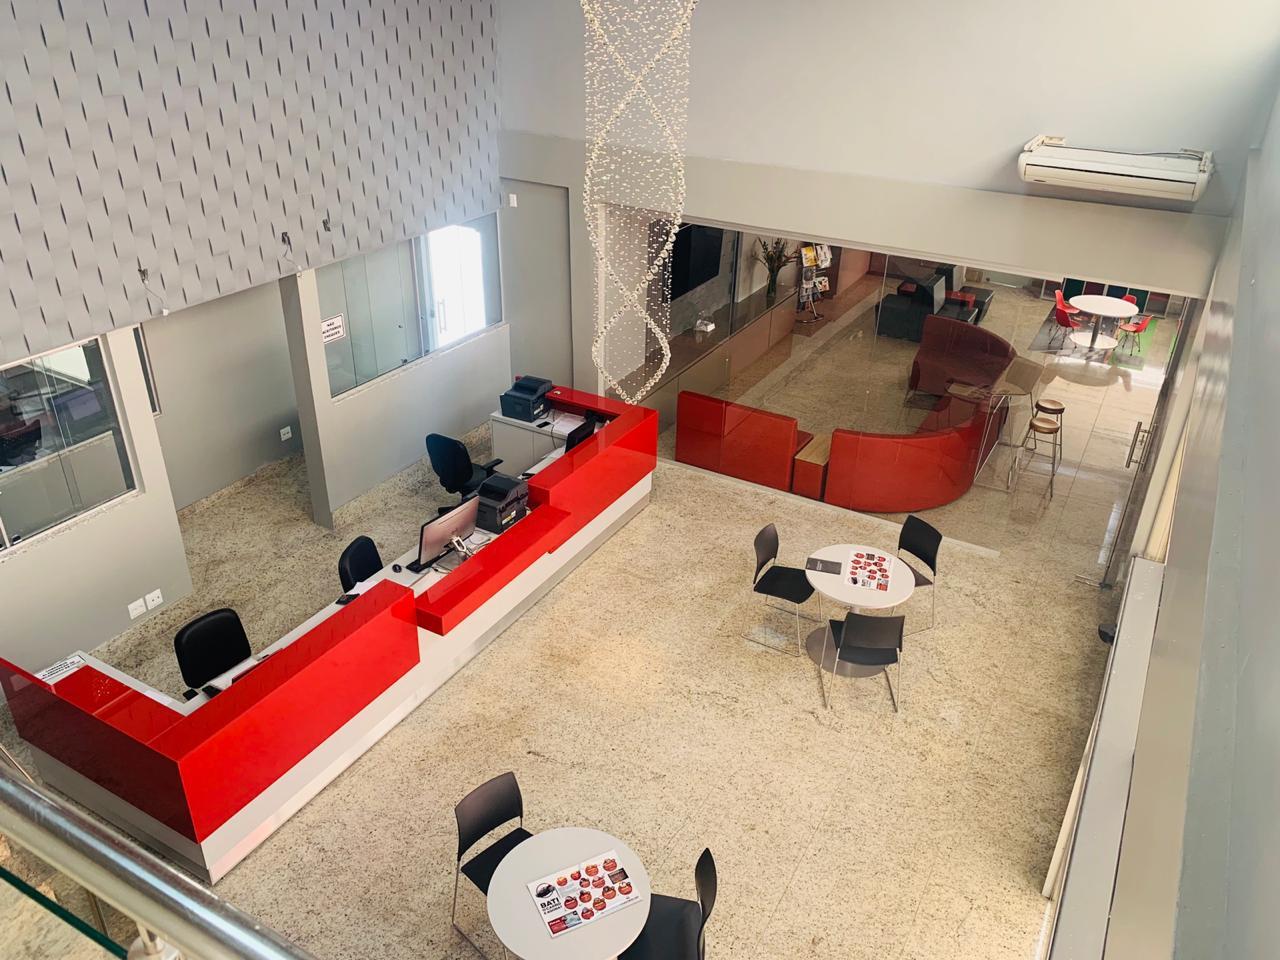 As novas instalações buscam agilizar o atendimento e oferecer conforto para o cliente que for aguardar por um serviço (Foto: Neila Prado)